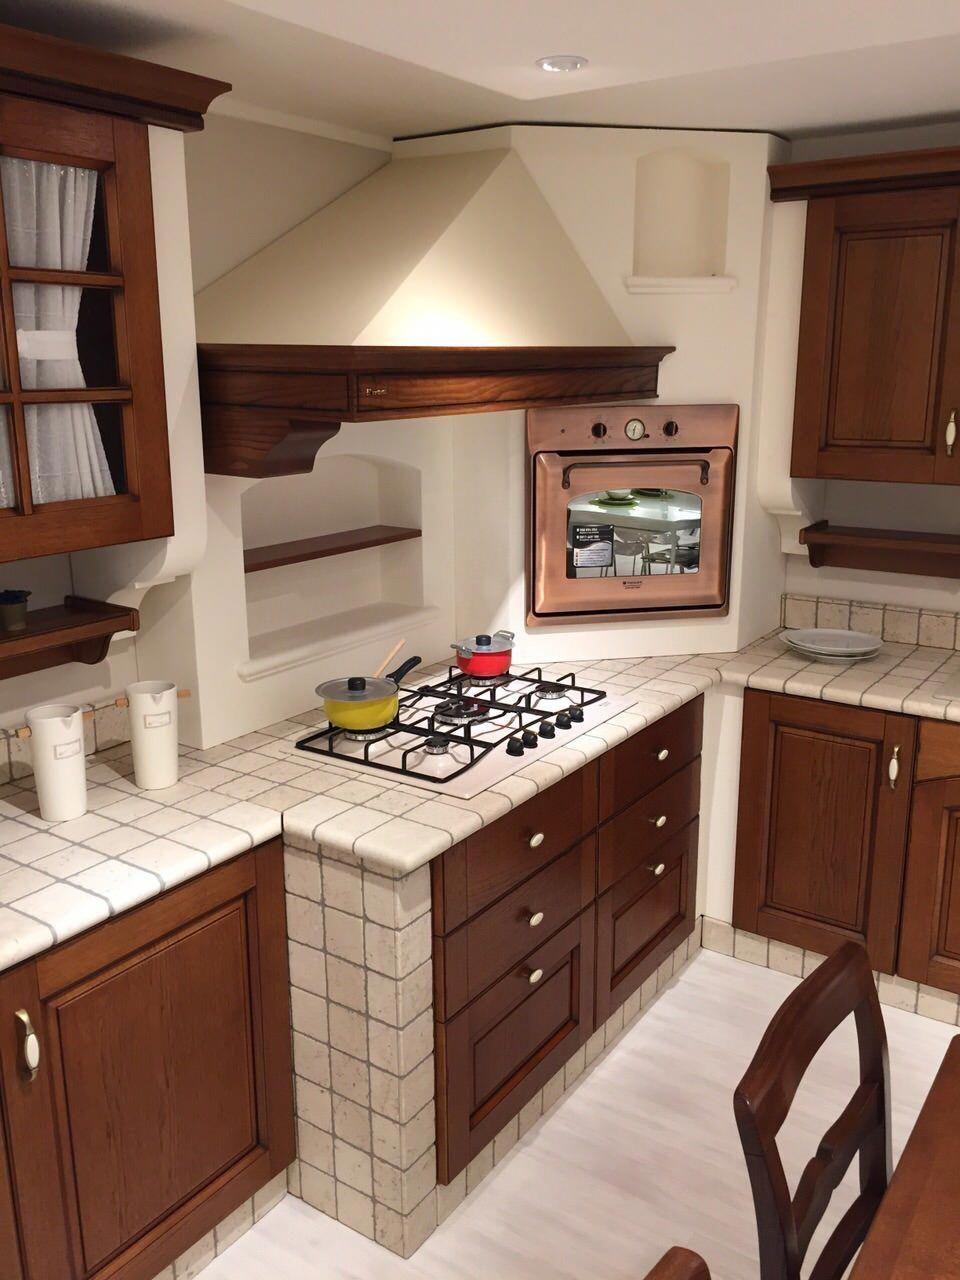 Offerte Tavoli E Sedie Da Cucina.Offerta Irripetibile Cucina In Muratura Completa Di